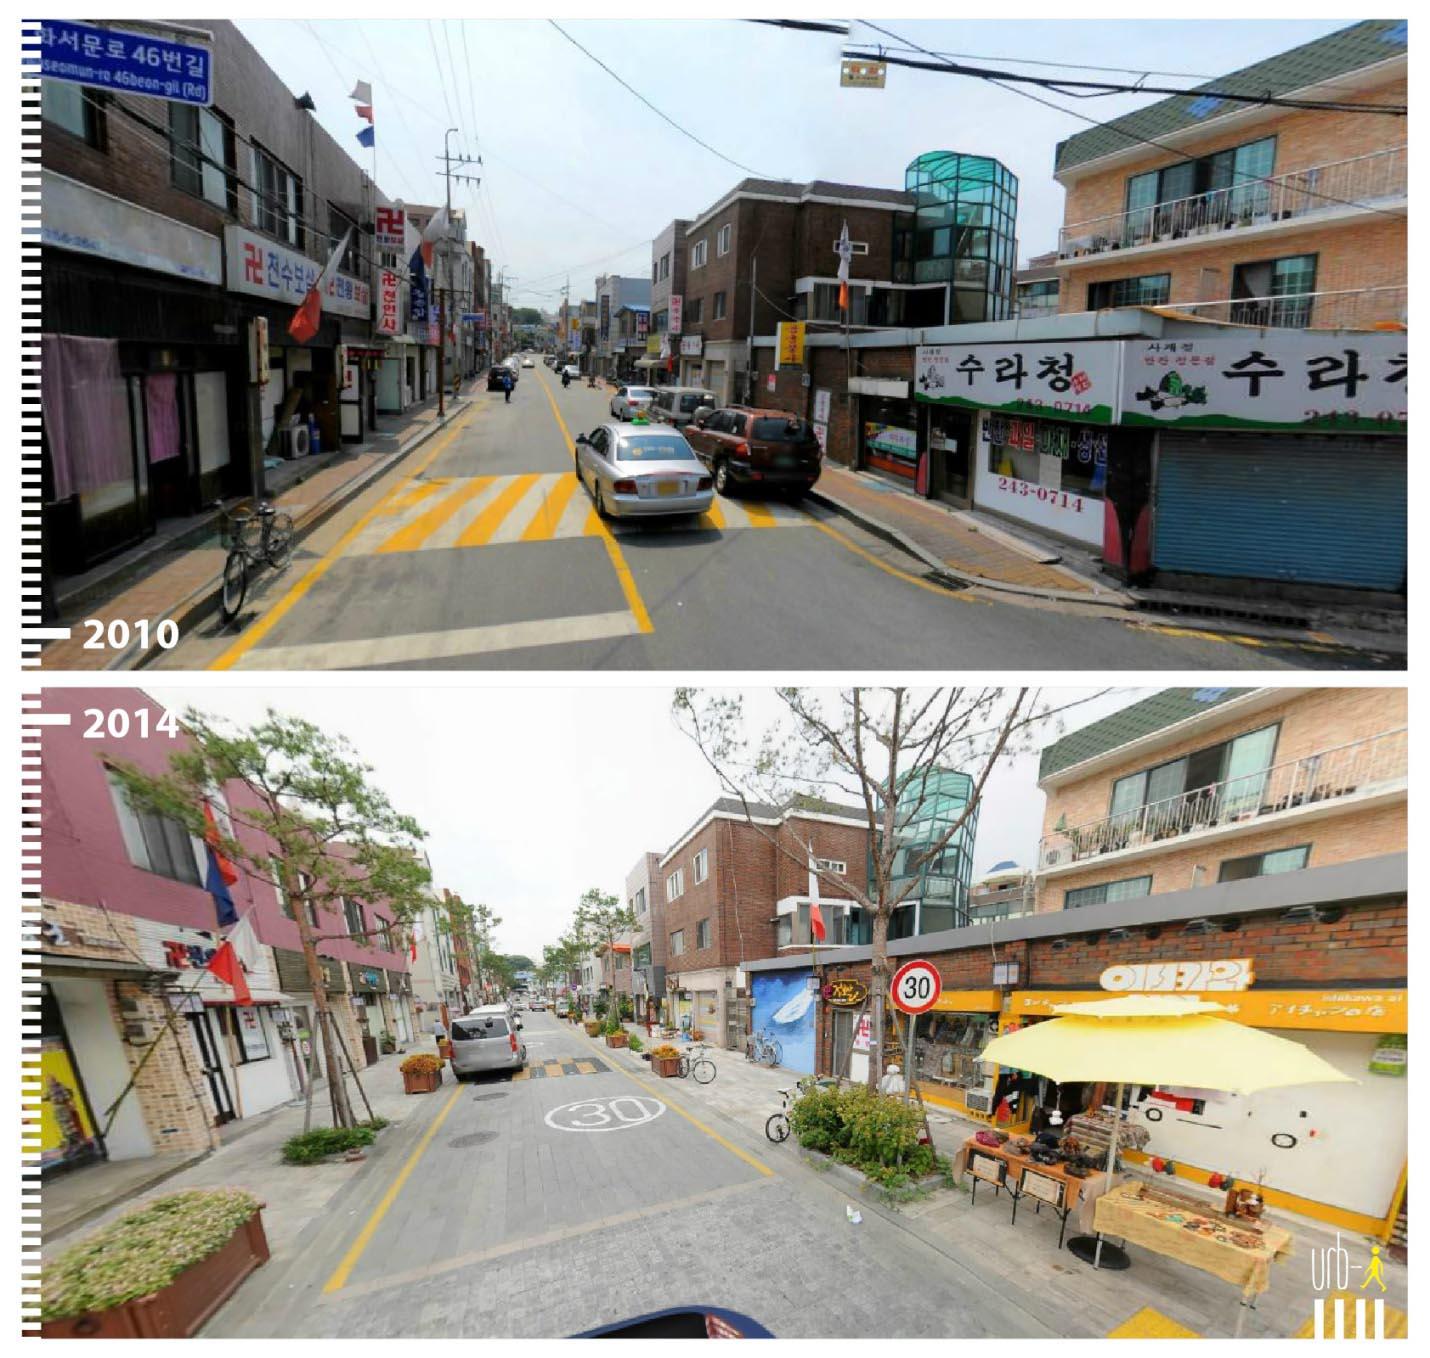 Hwaseomun-ro in Suwon